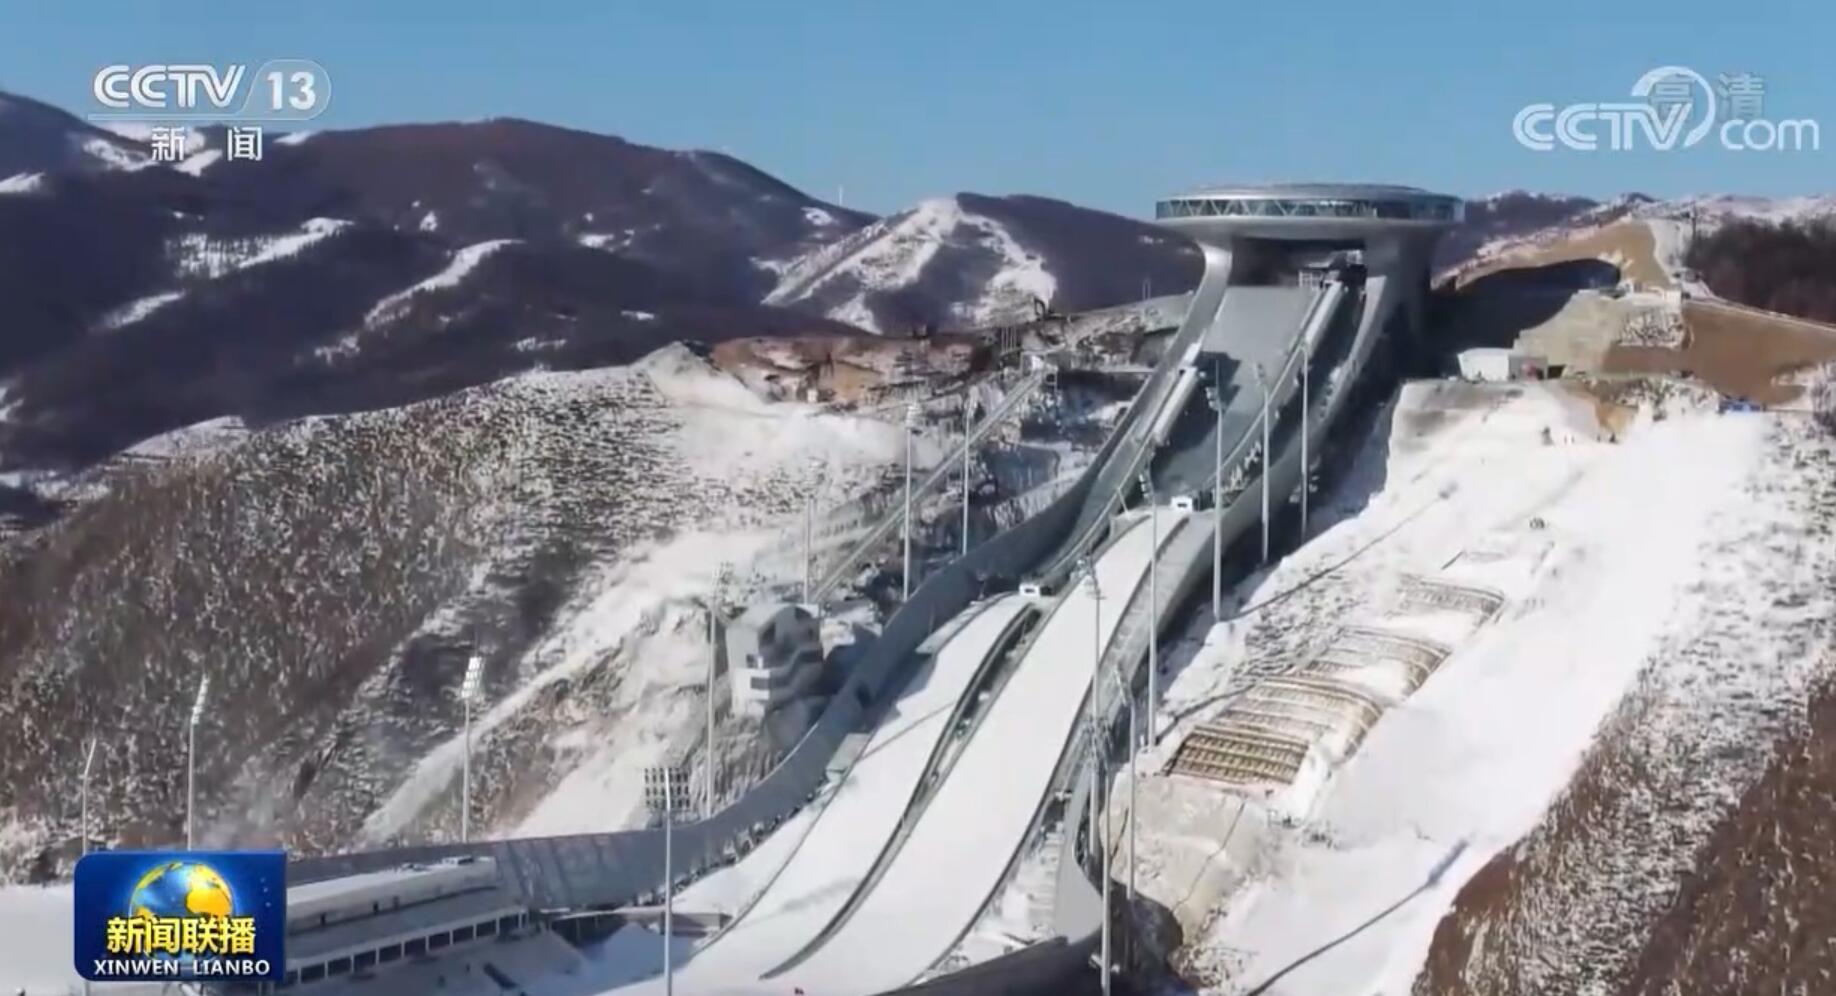 倒计时一周年 北京冬奥会筹办稳步推进